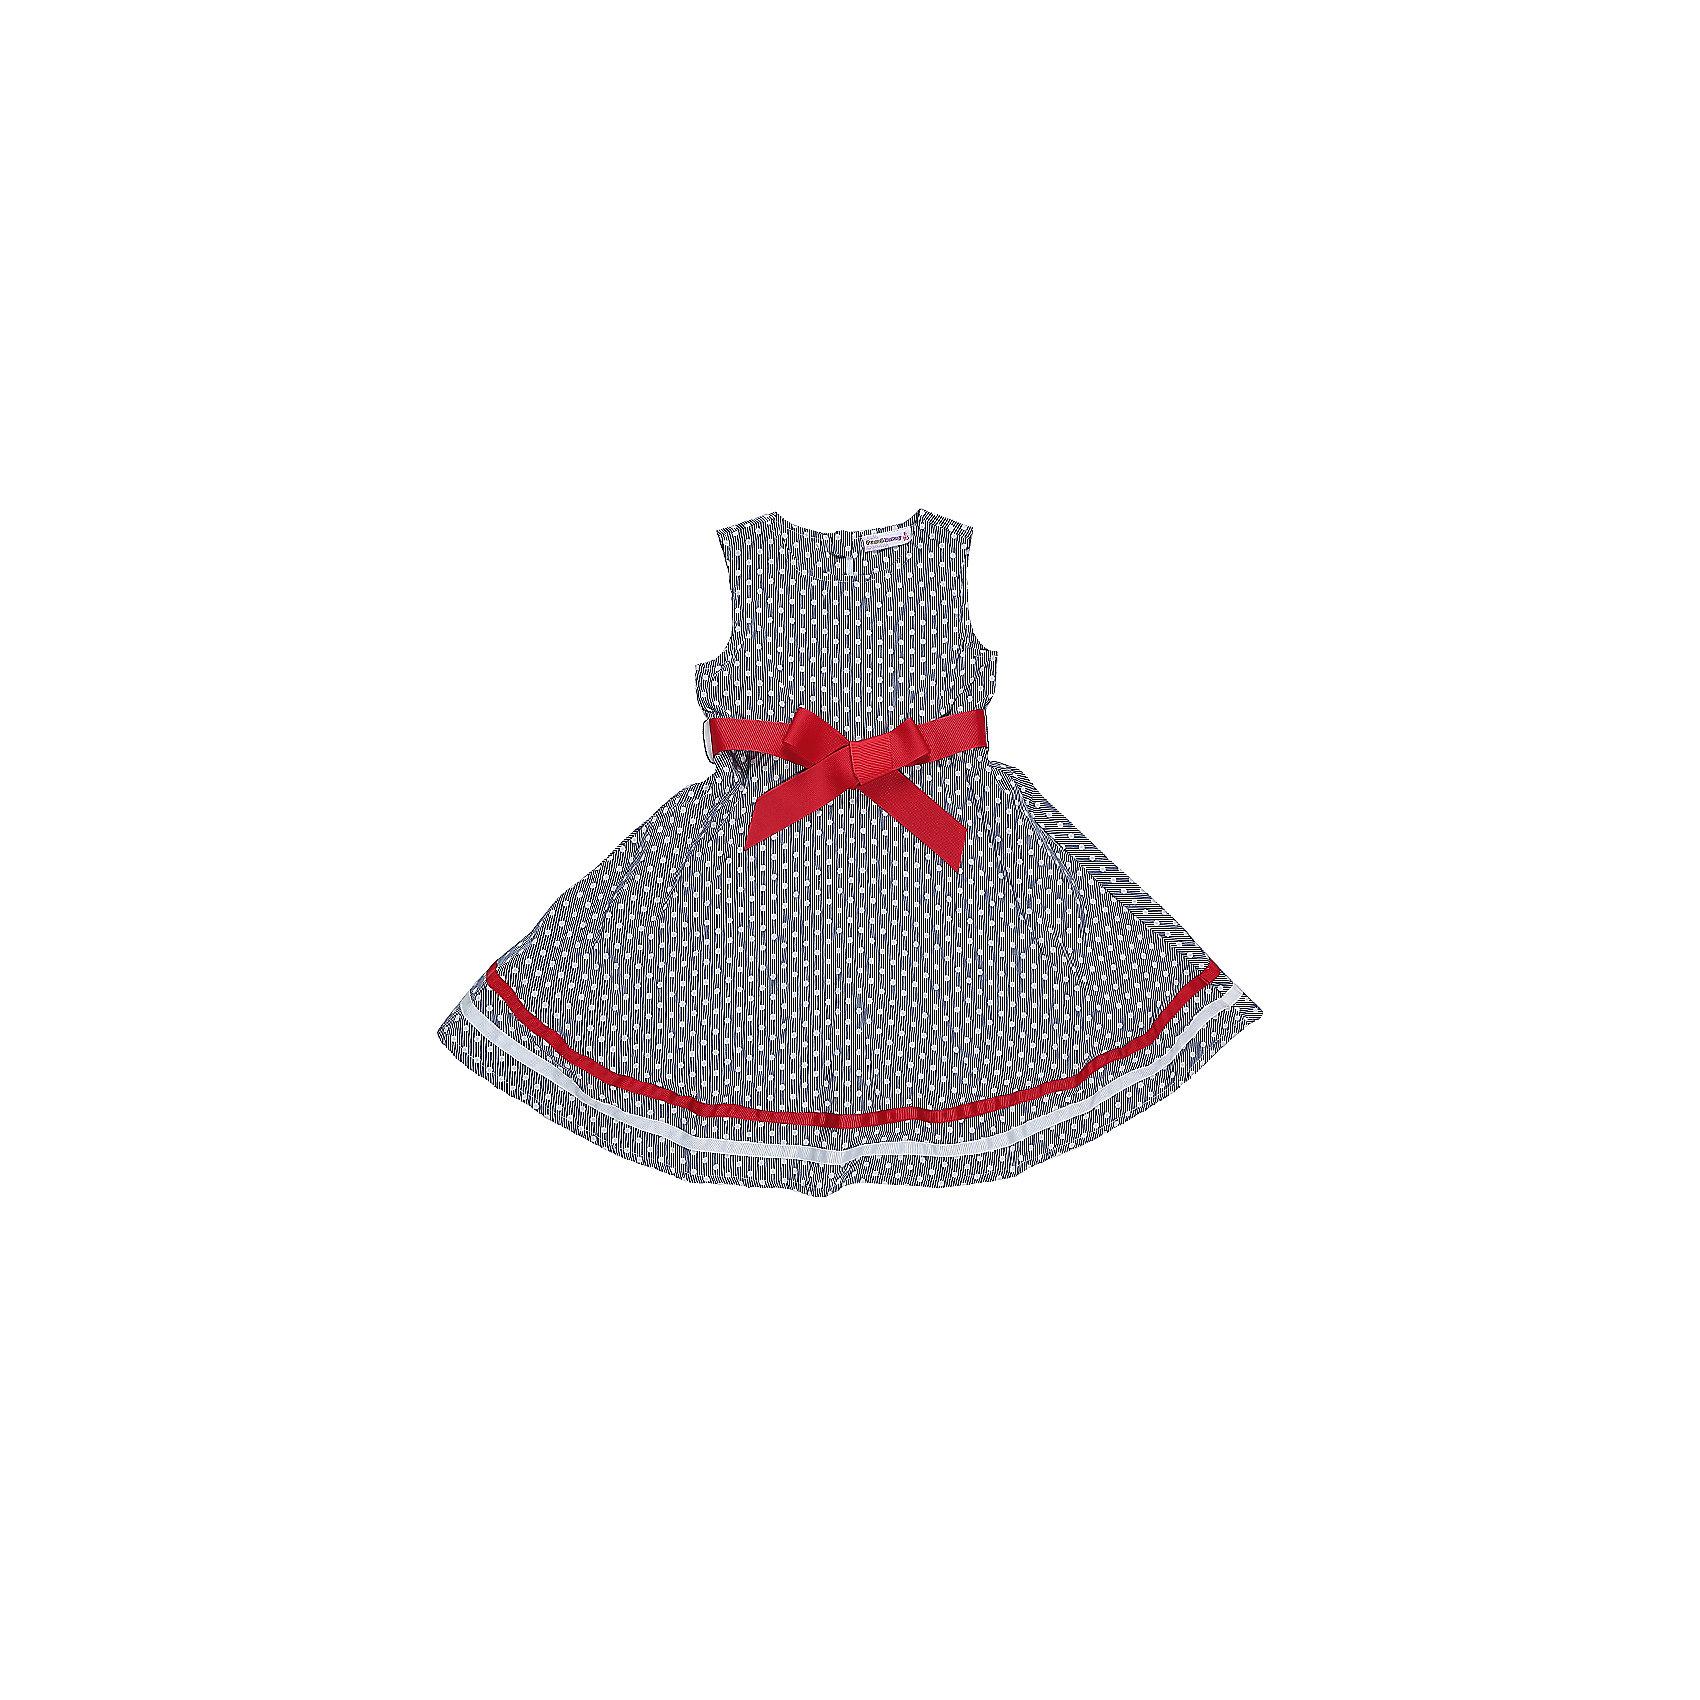 Платье для девочки Sweet BerryКлассическое хлопковое платье в горошек для девочки с ярким пояском. Низ изделия декорирован контрастным лентами. Застегивается на потайную молнию на спинке.<br>Состав:<br>Верх: 100% хлопок, Подкладка: 100%хлопок<br><br>Ширина мм: 236<br>Глубина мм: 16<br>Высота мм: 184<br>Вес г: 177<br>Цвет: синий<br>Возраст от месяцев: 36<br>Возраст до месяцев: 48<br>Пол: Женский<br>Возраст: Детский<br>Размер: 104,98,110,116,122,128<br>SKU: 5411997